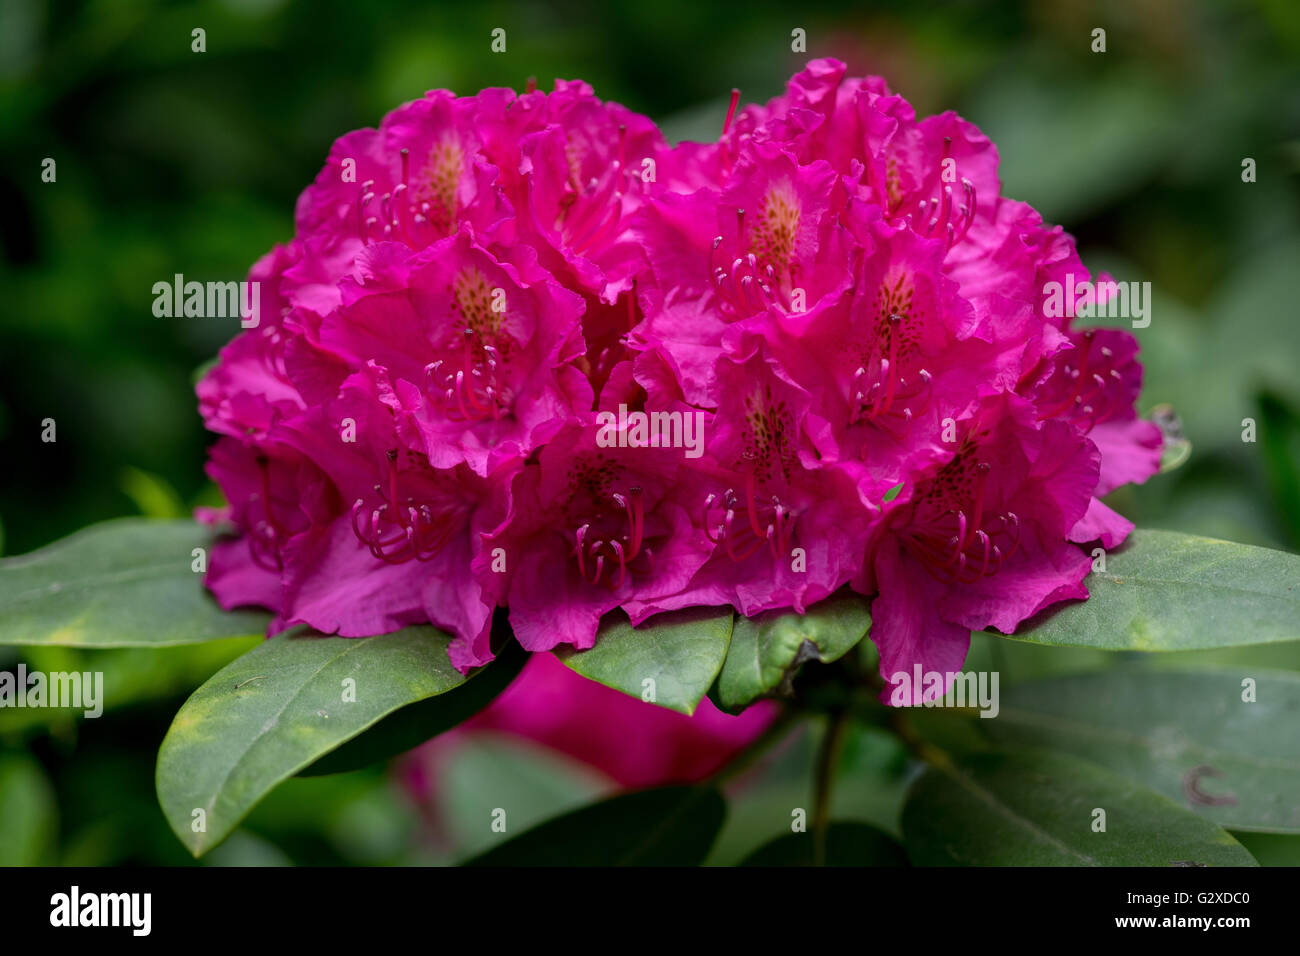 Rosa viola lussureggianti rododendri 'Germania' blossom Immagini Stock